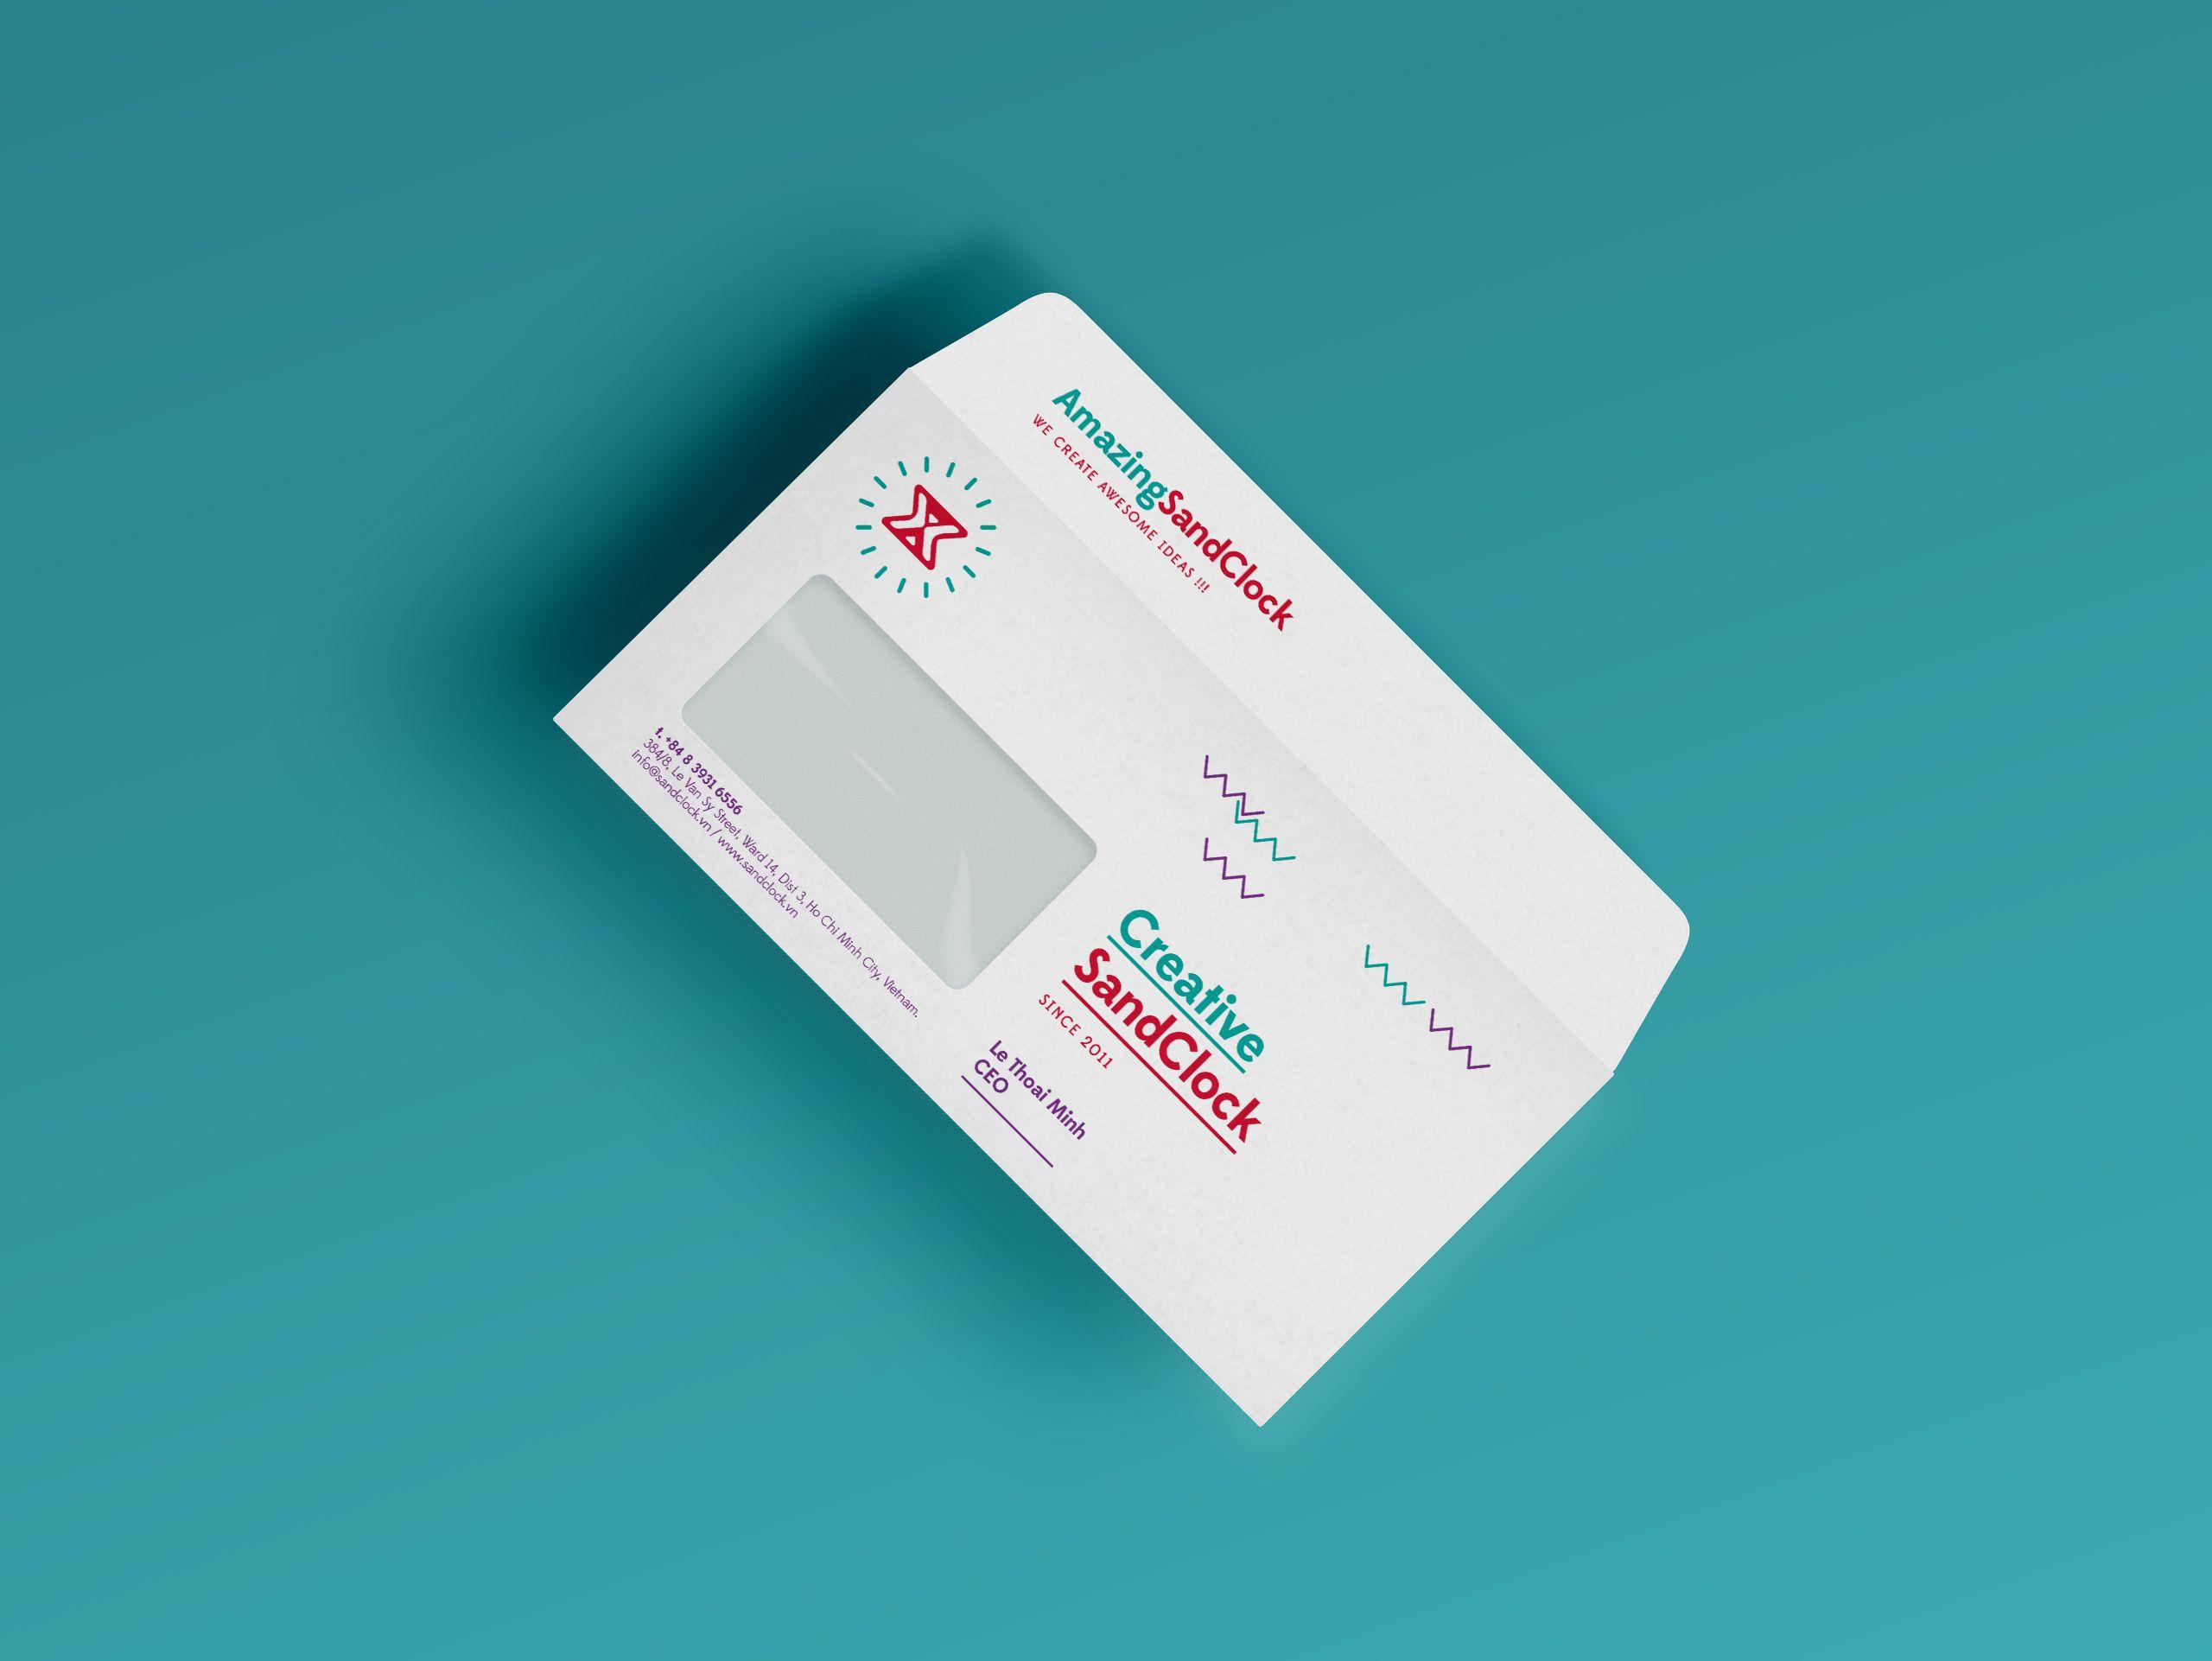 Envelope Design Vol.3 is an item designed in Stationary Design Vol.1 ...